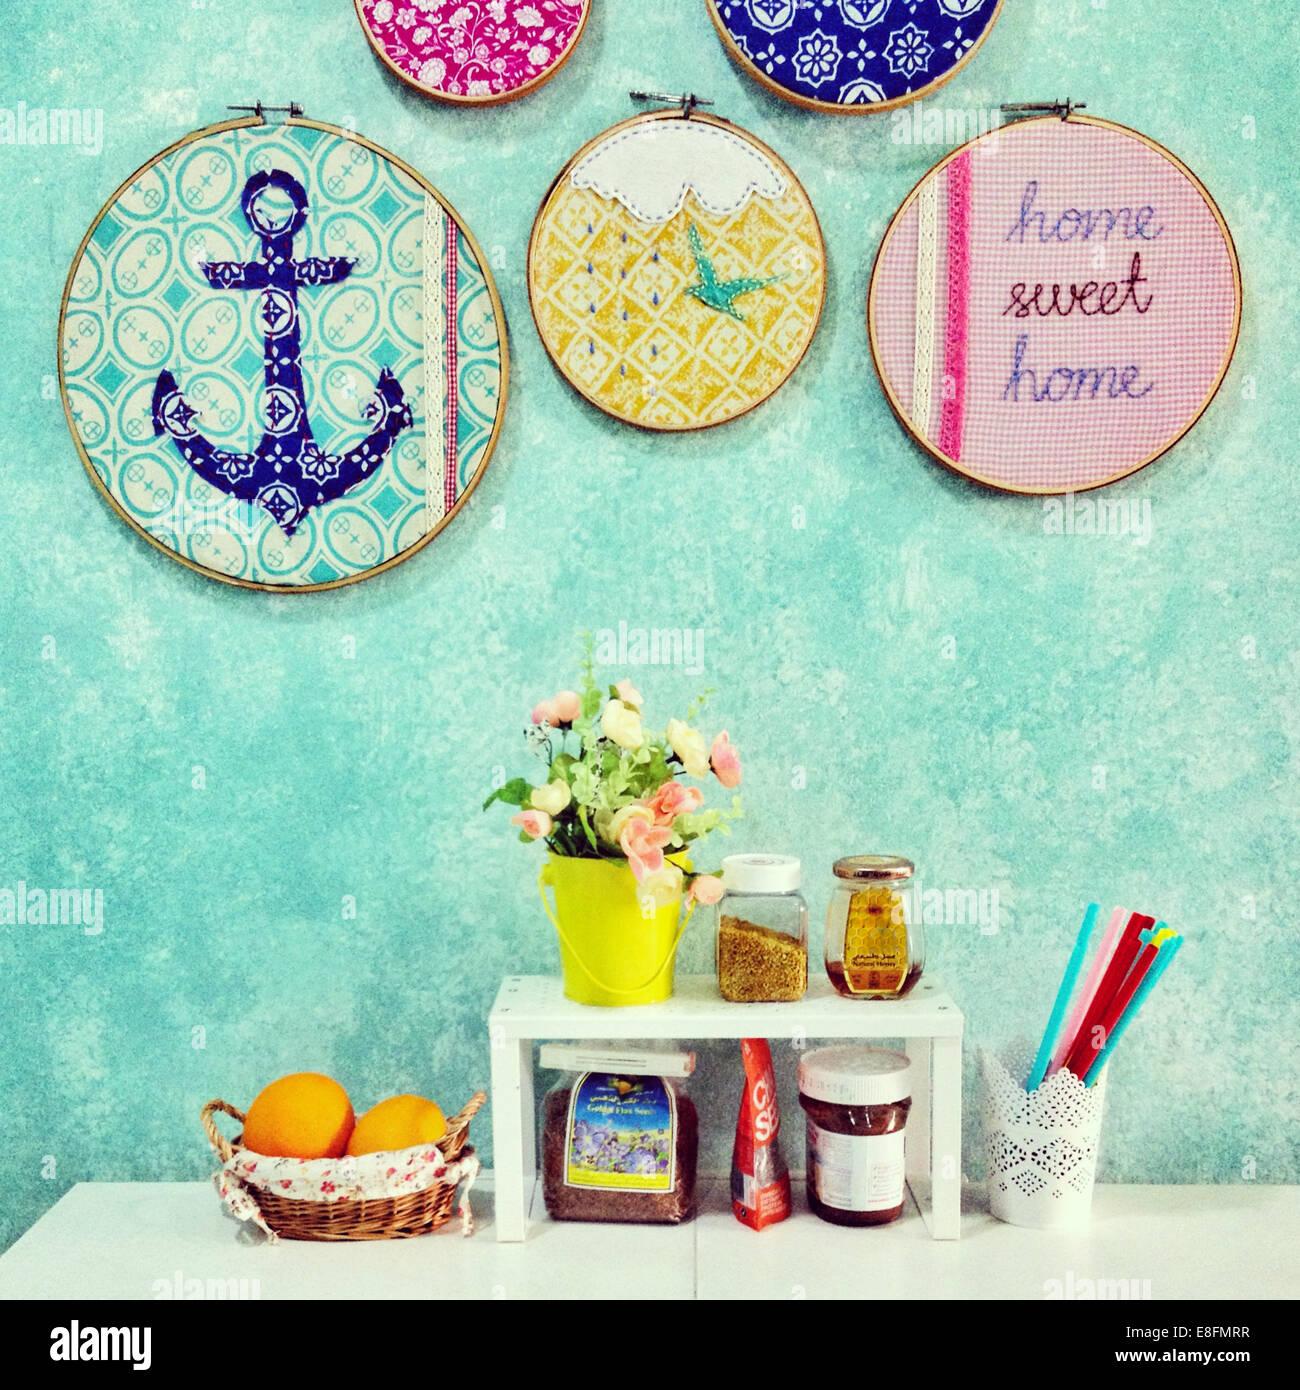 Nach Hause süße Heimat Anordnung von Lebensmittel, Blumen und Dekorationen Stockbild